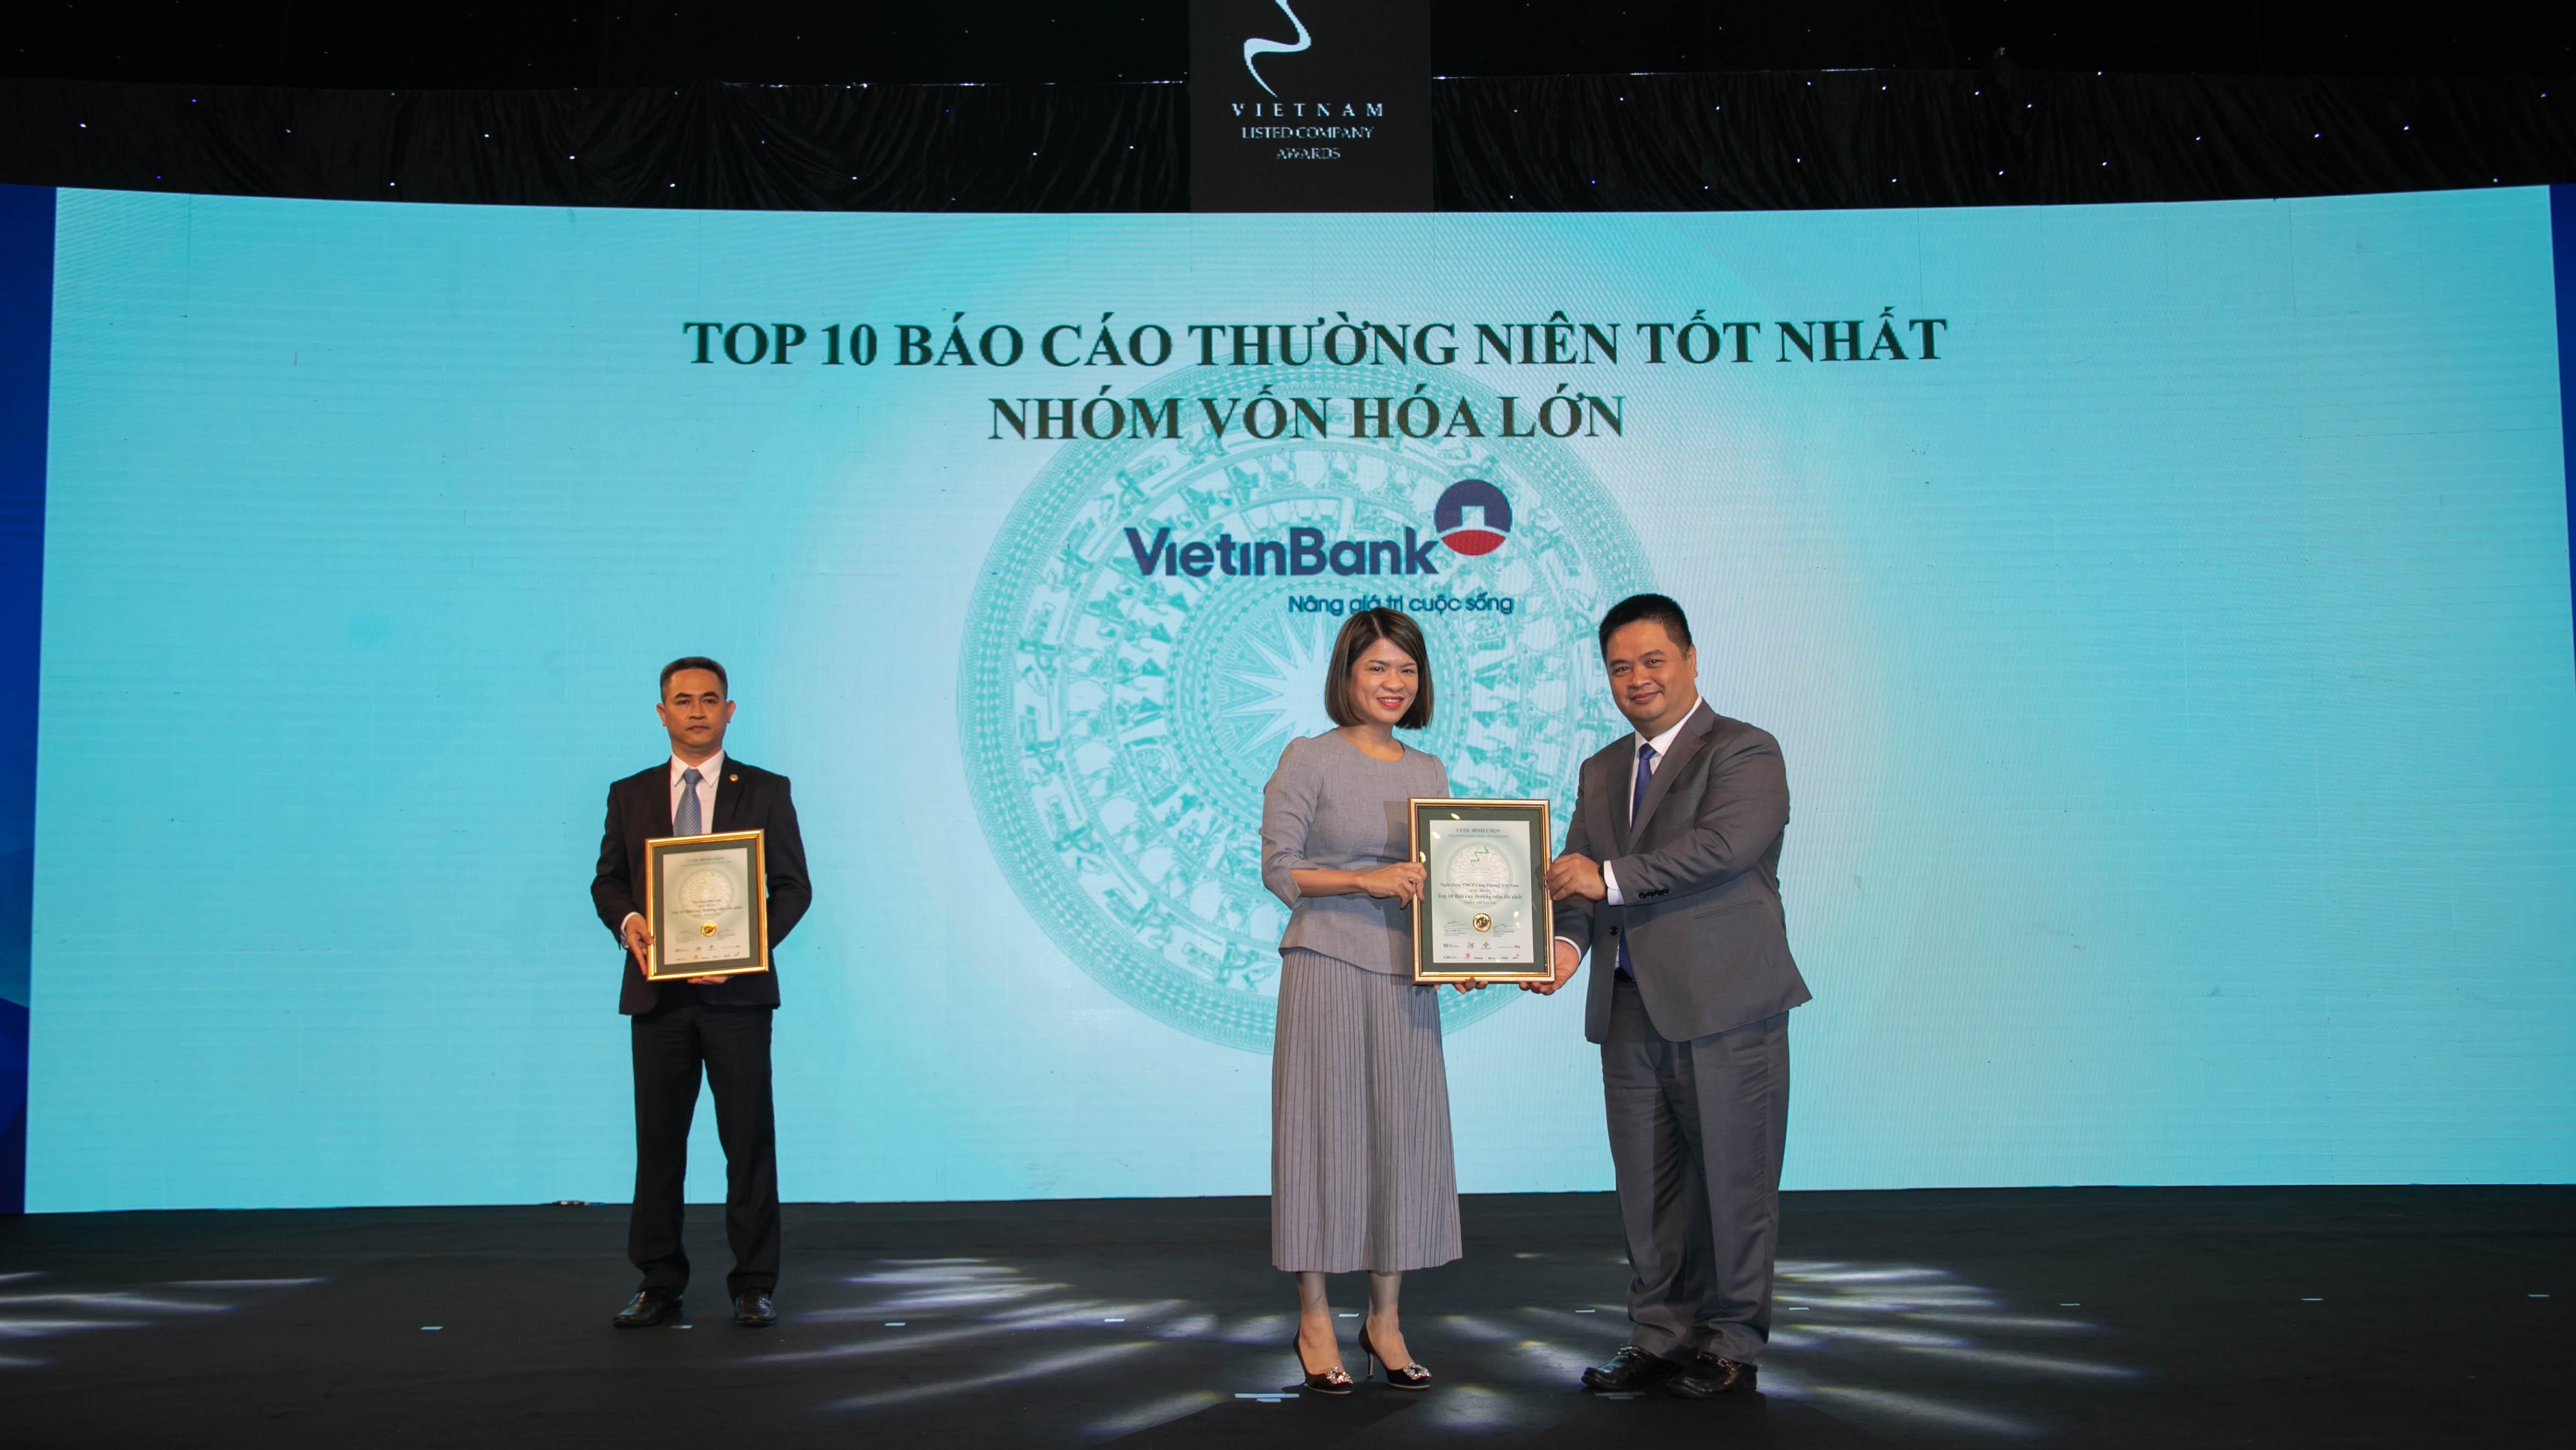 https://www.aravietnam.vn/wp-content/uploads/2020/12/IMG_8763.jpg